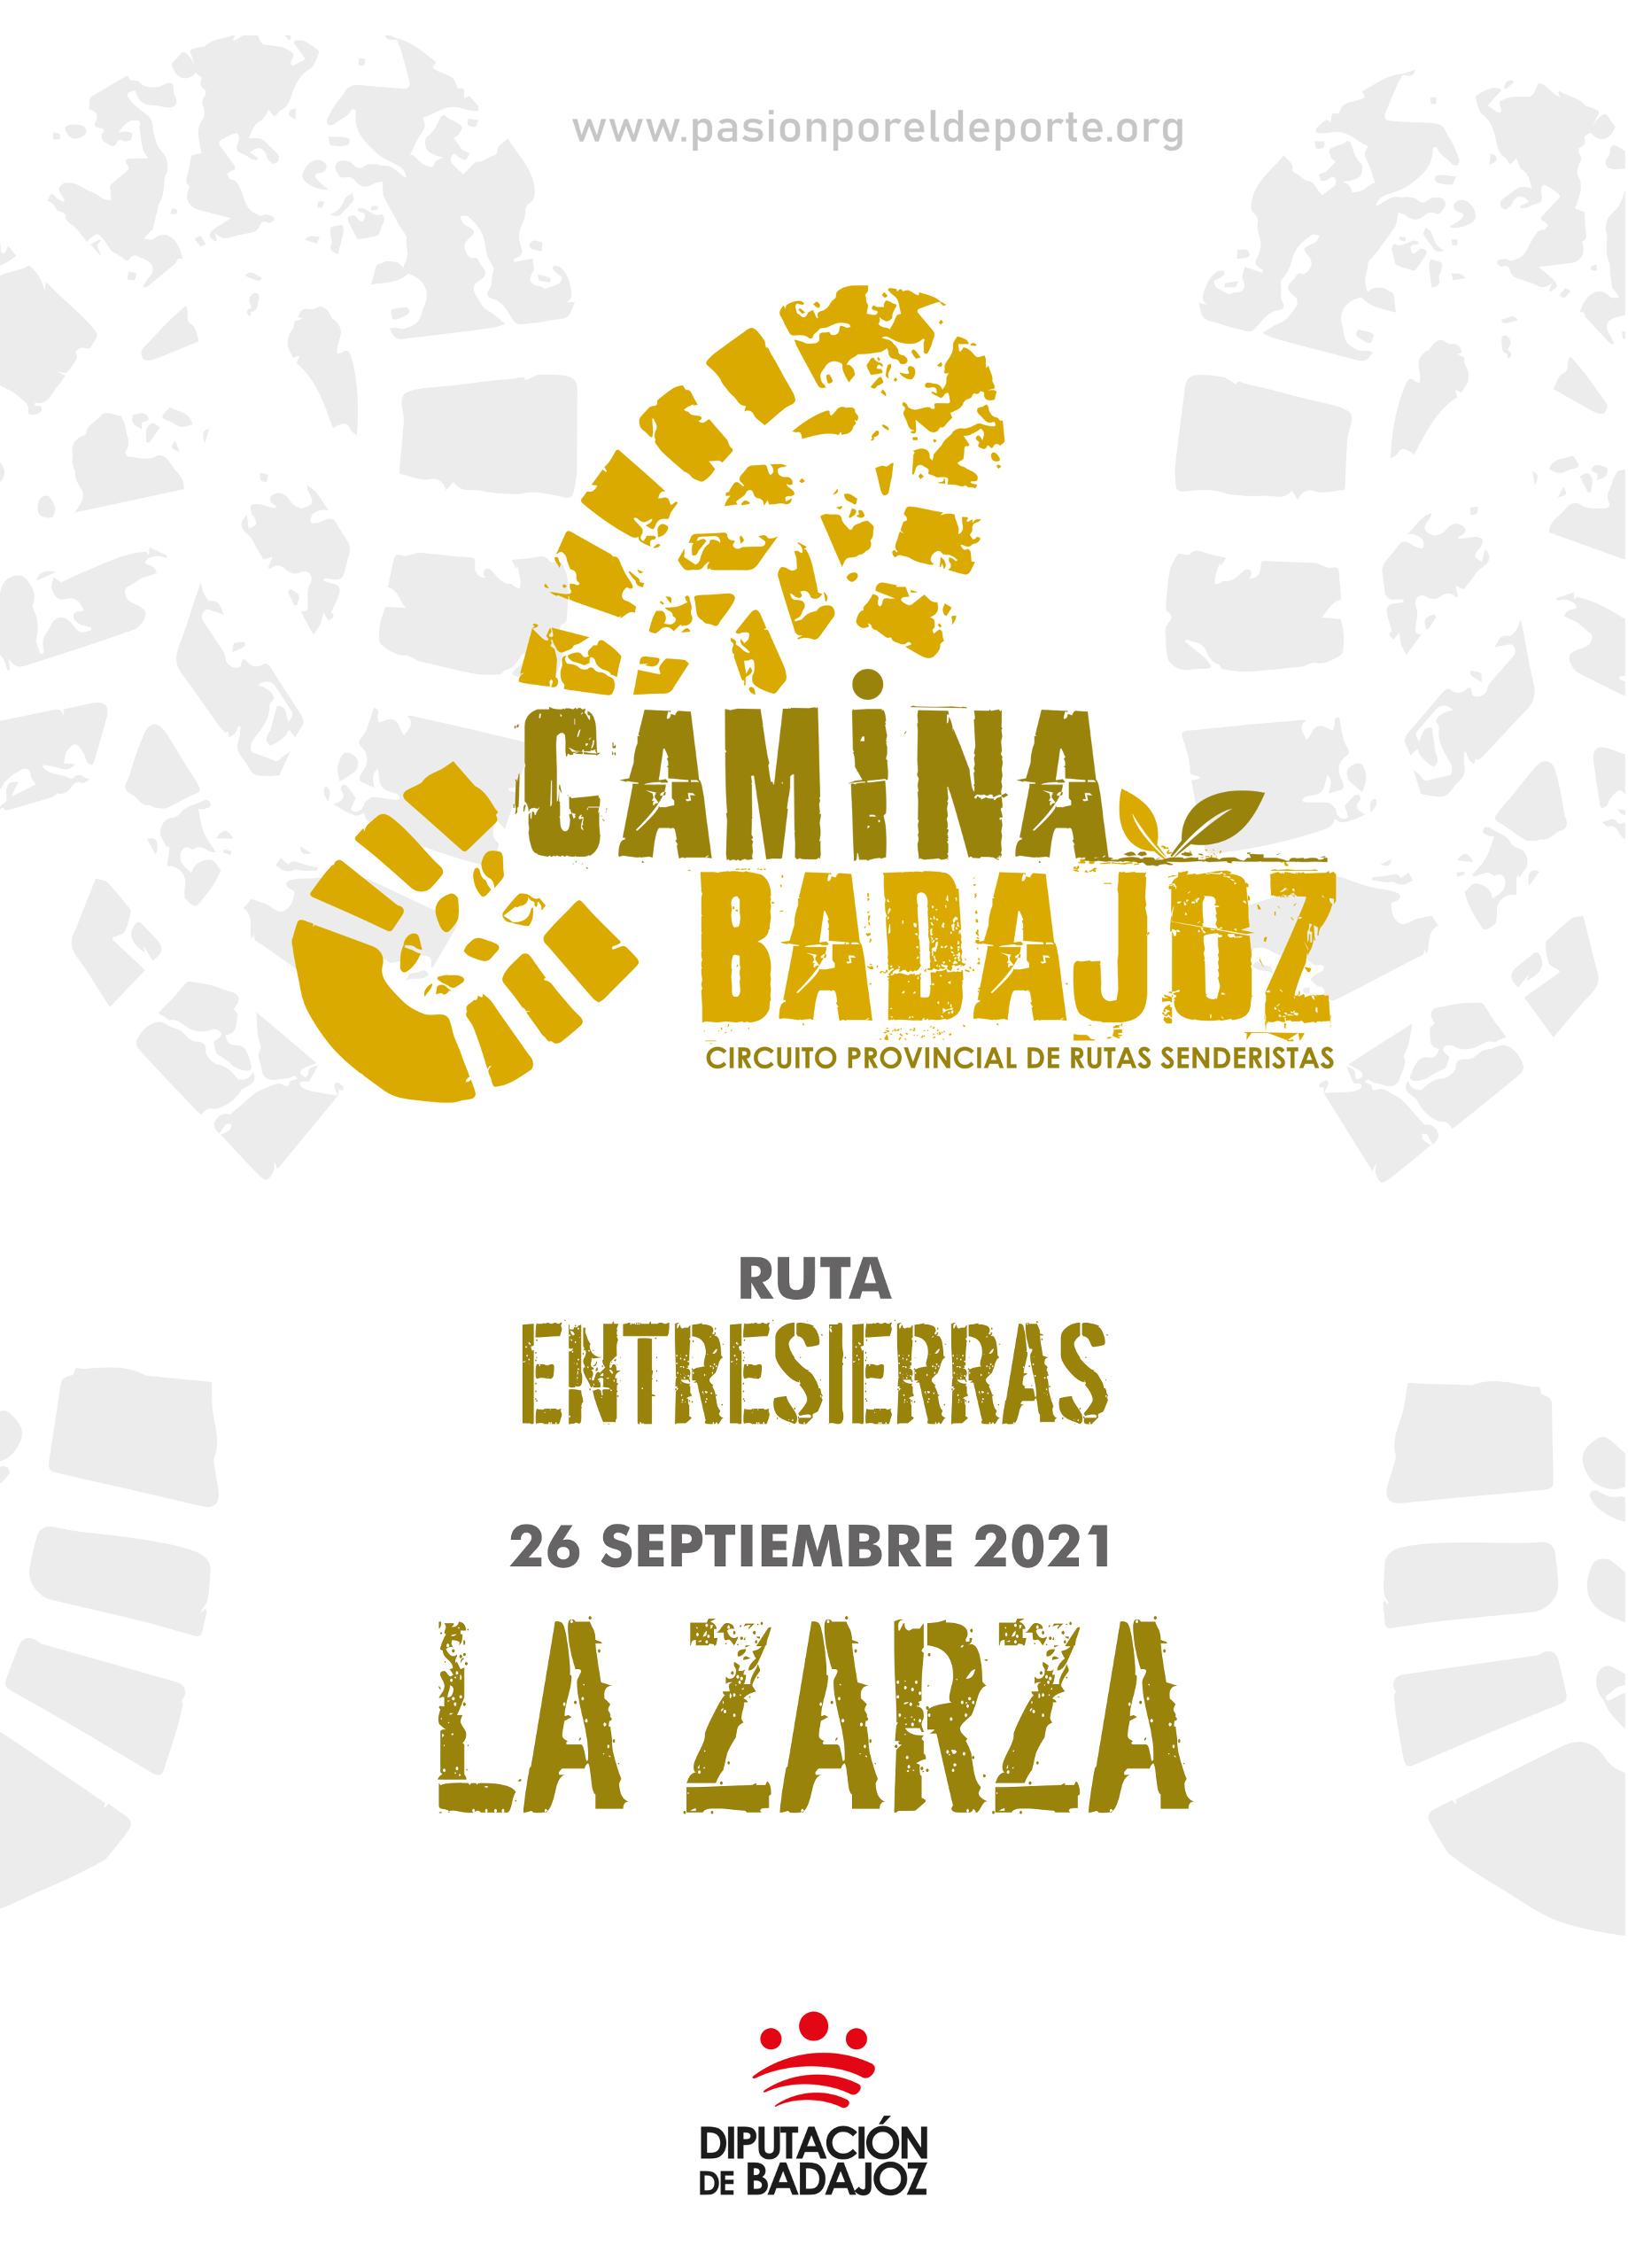 Imagen del Evento Ruta Entresierras